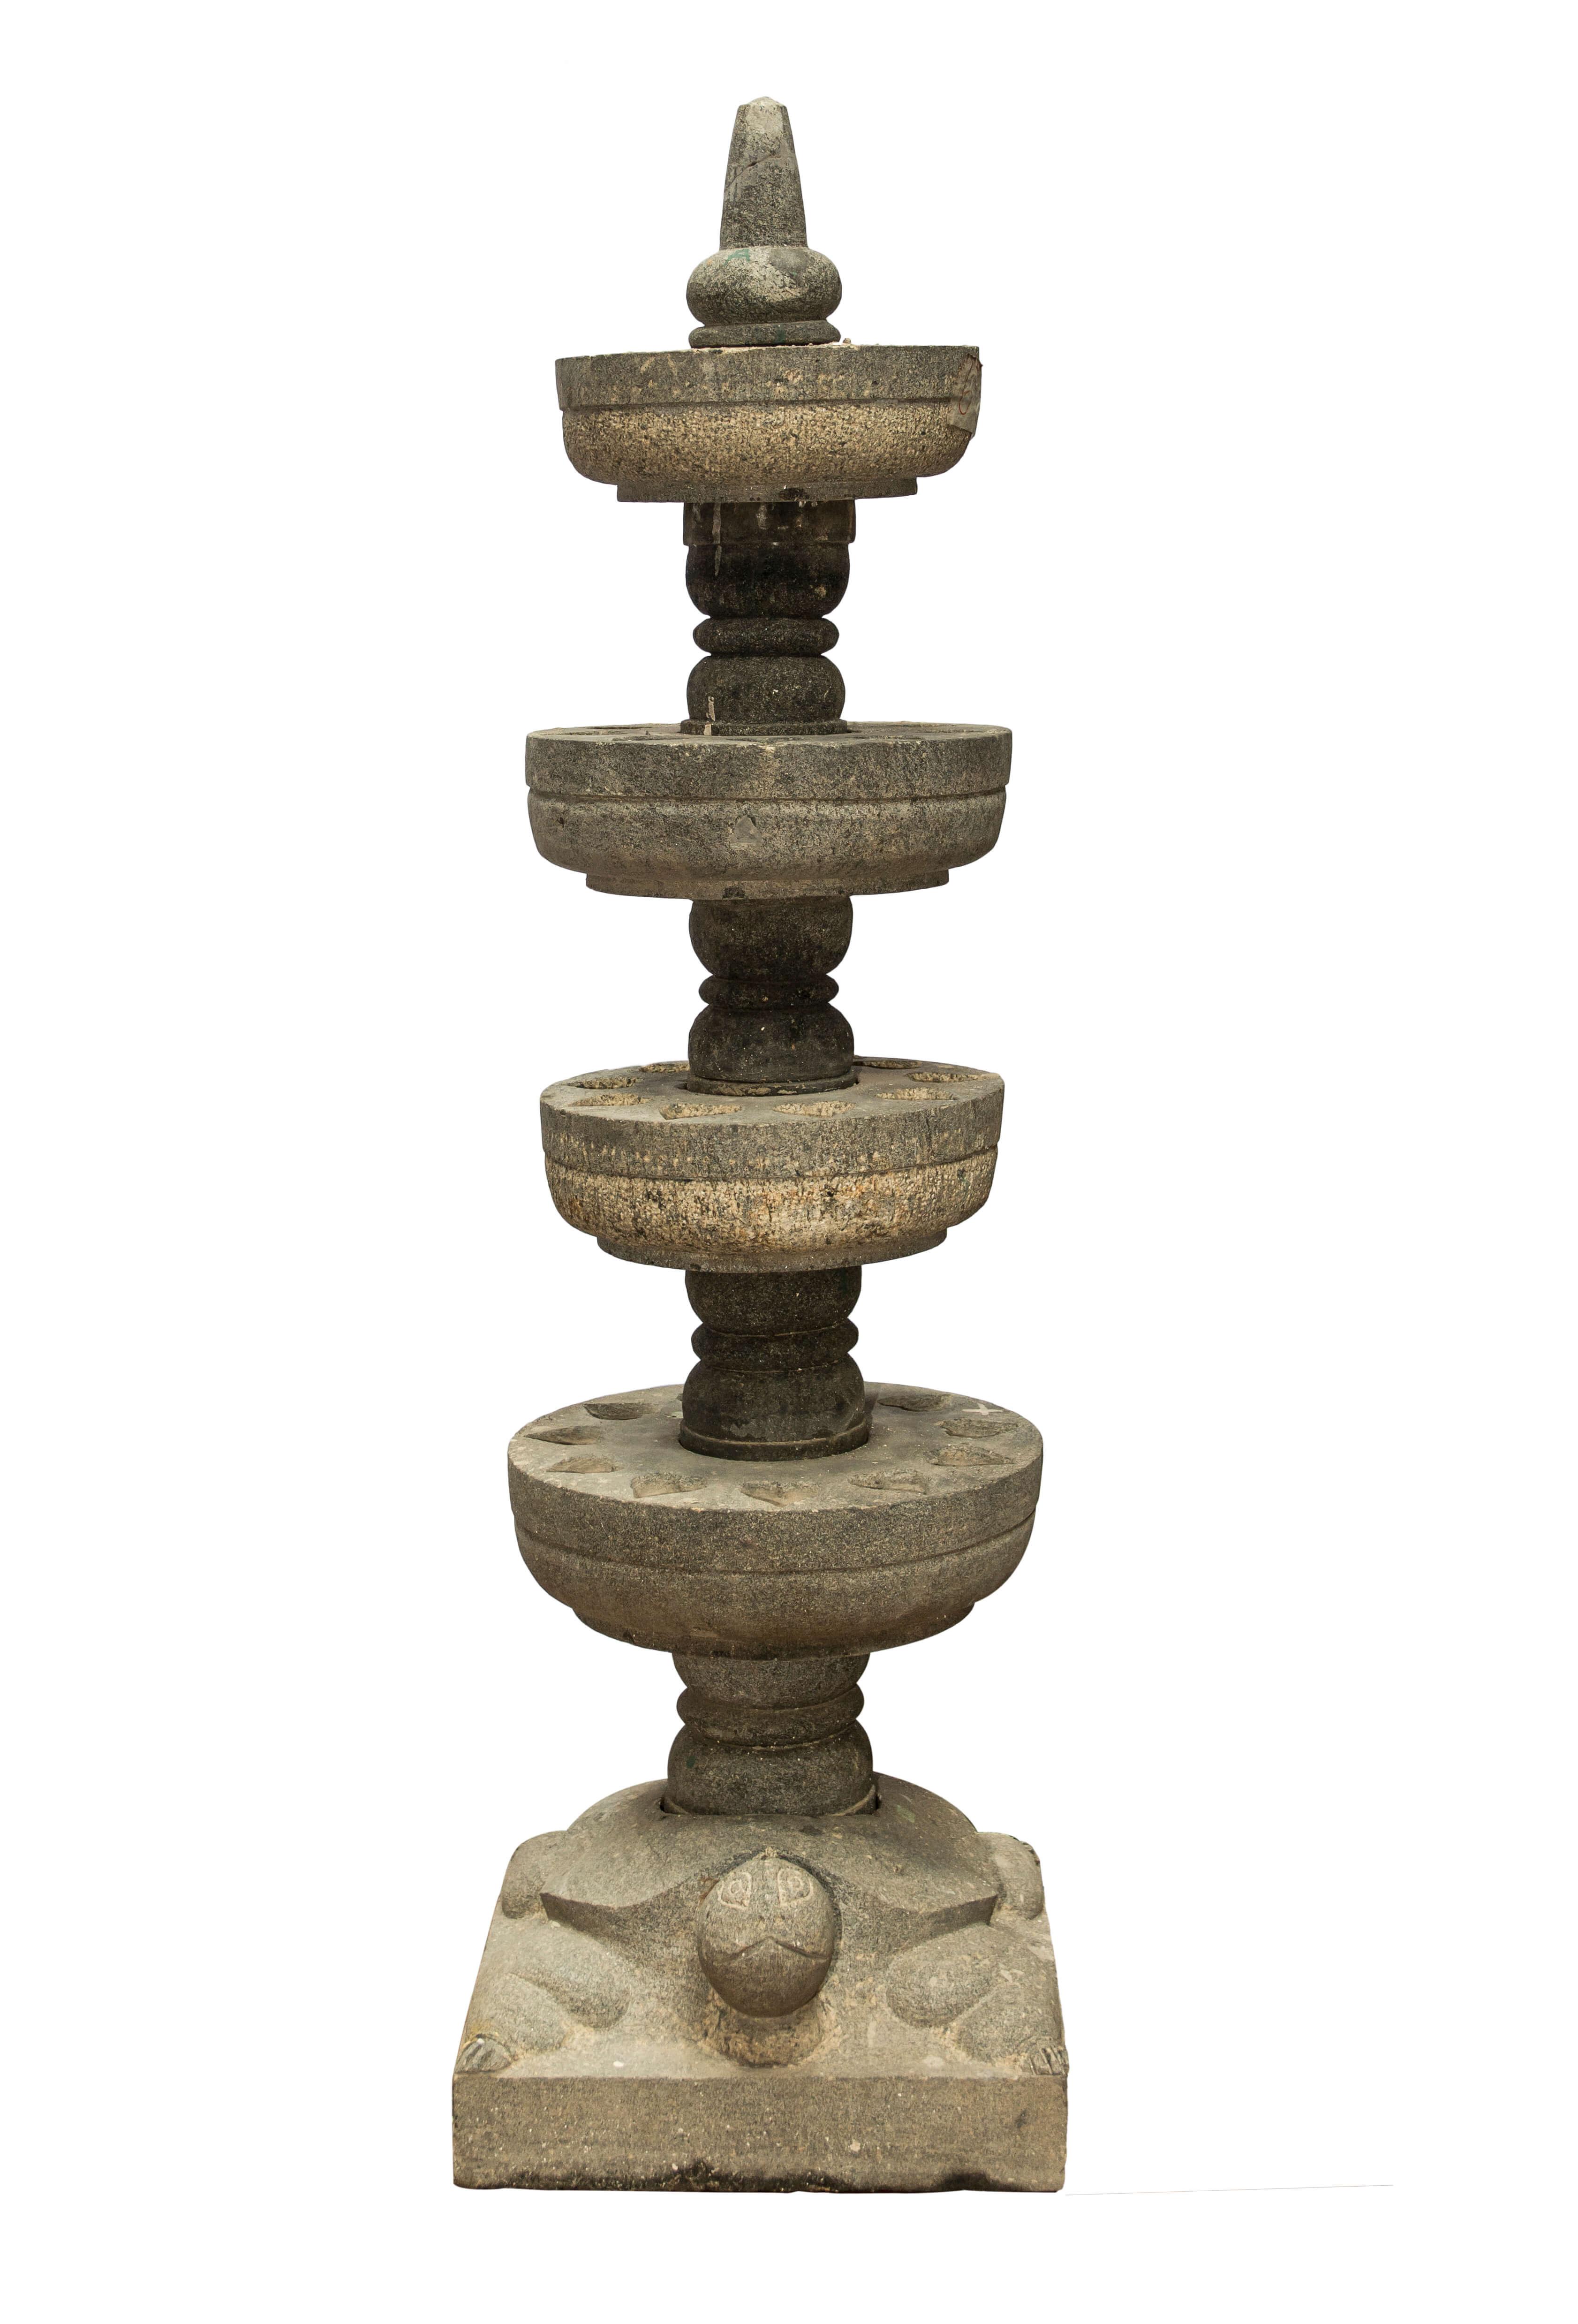 Pedestal, 124 Cms